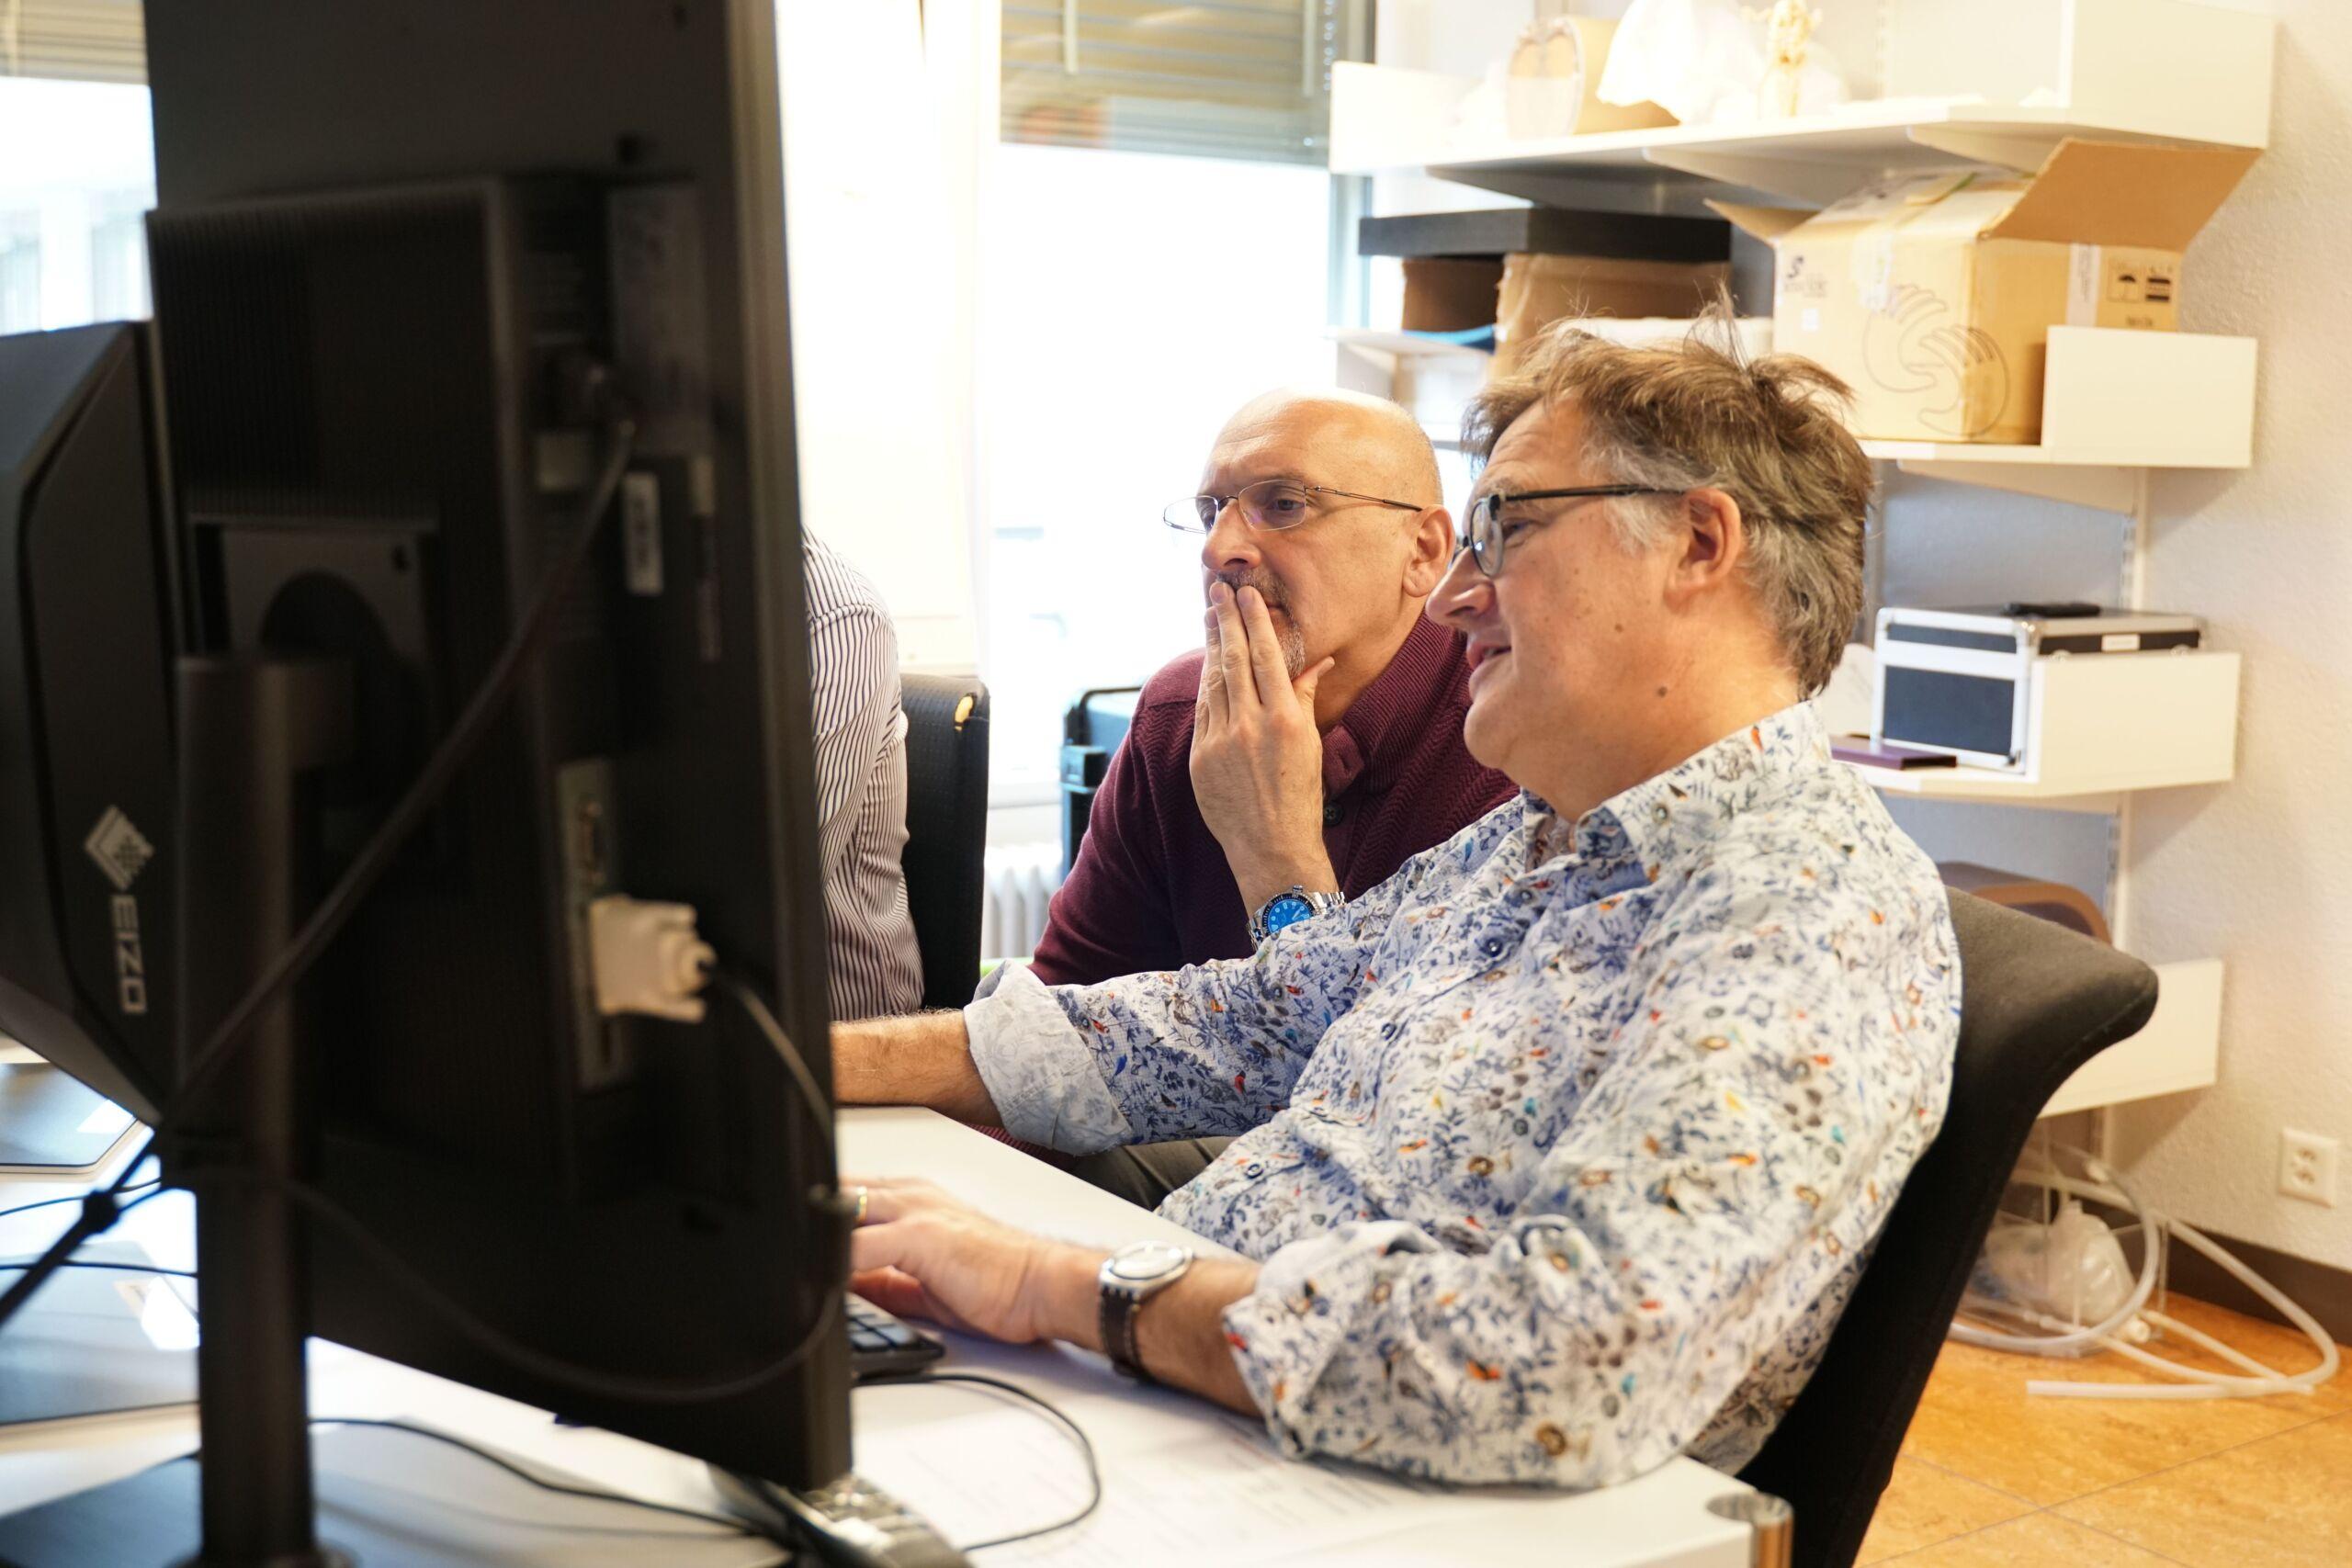 Zwei Männer sitzen an einem Computer und bereden etwas